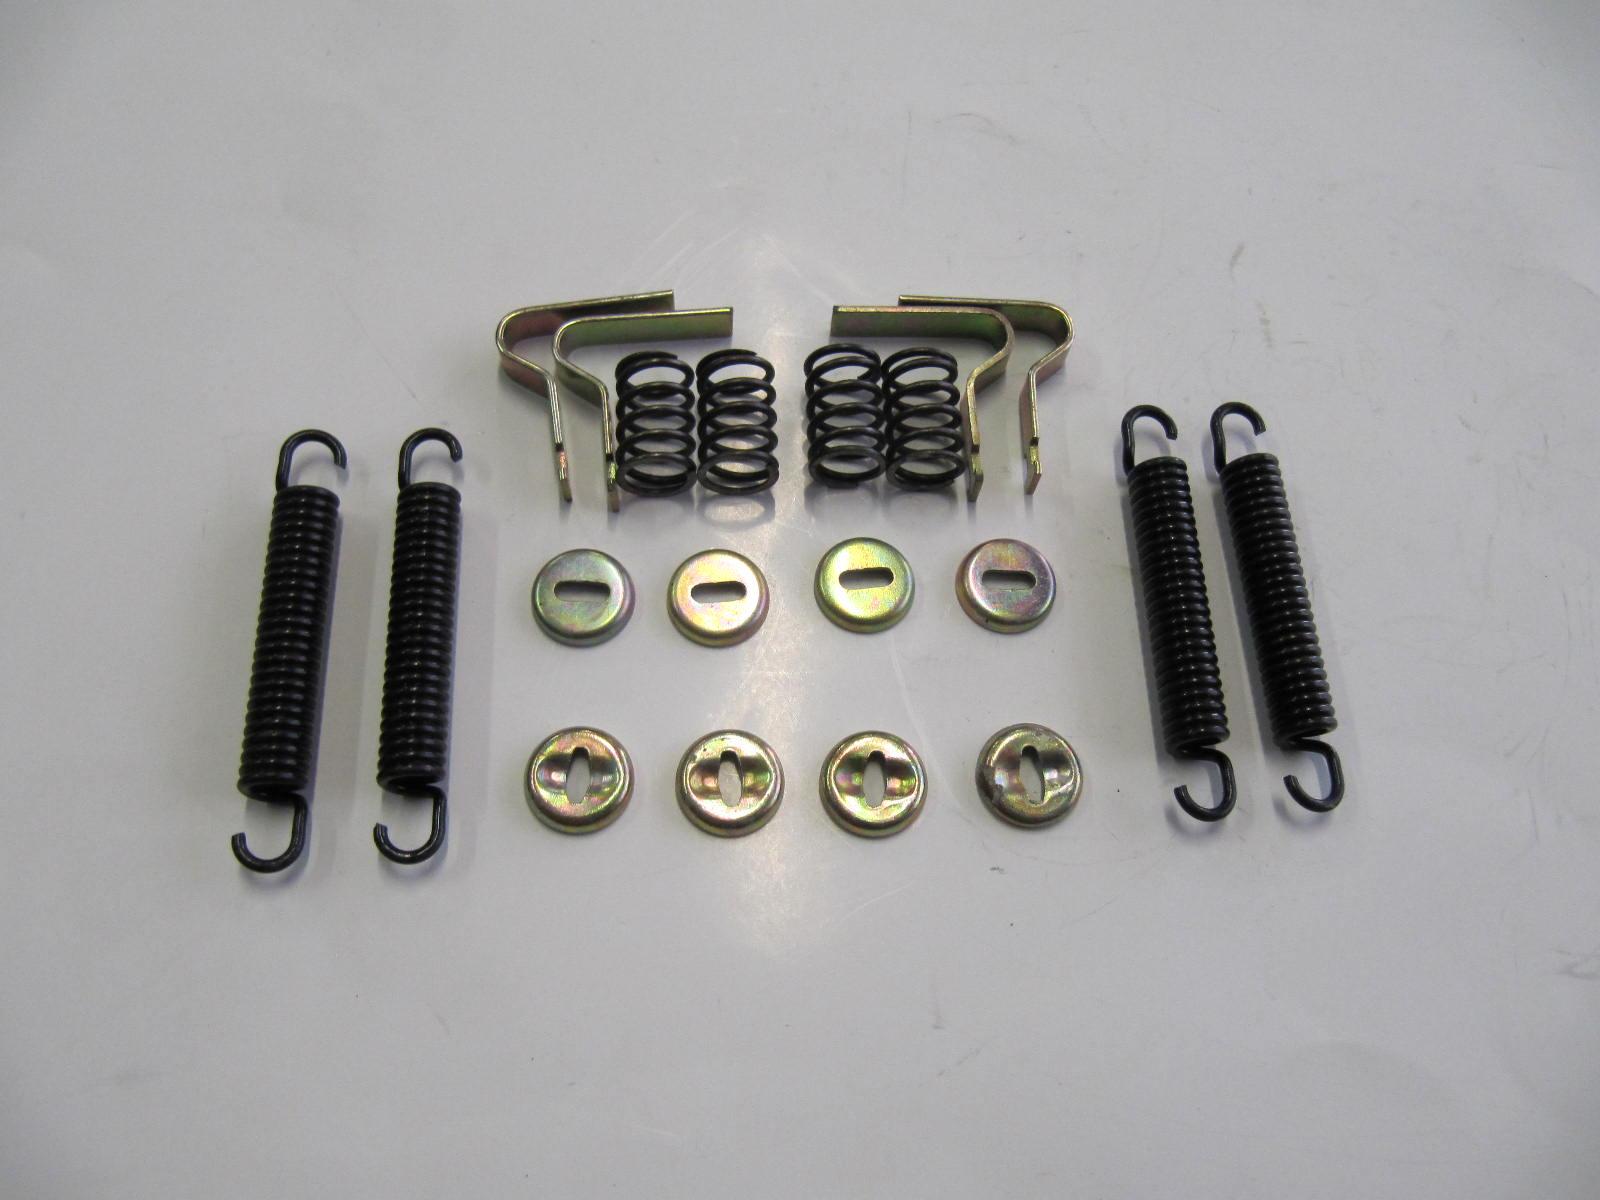 cav1123 - hand brake kit